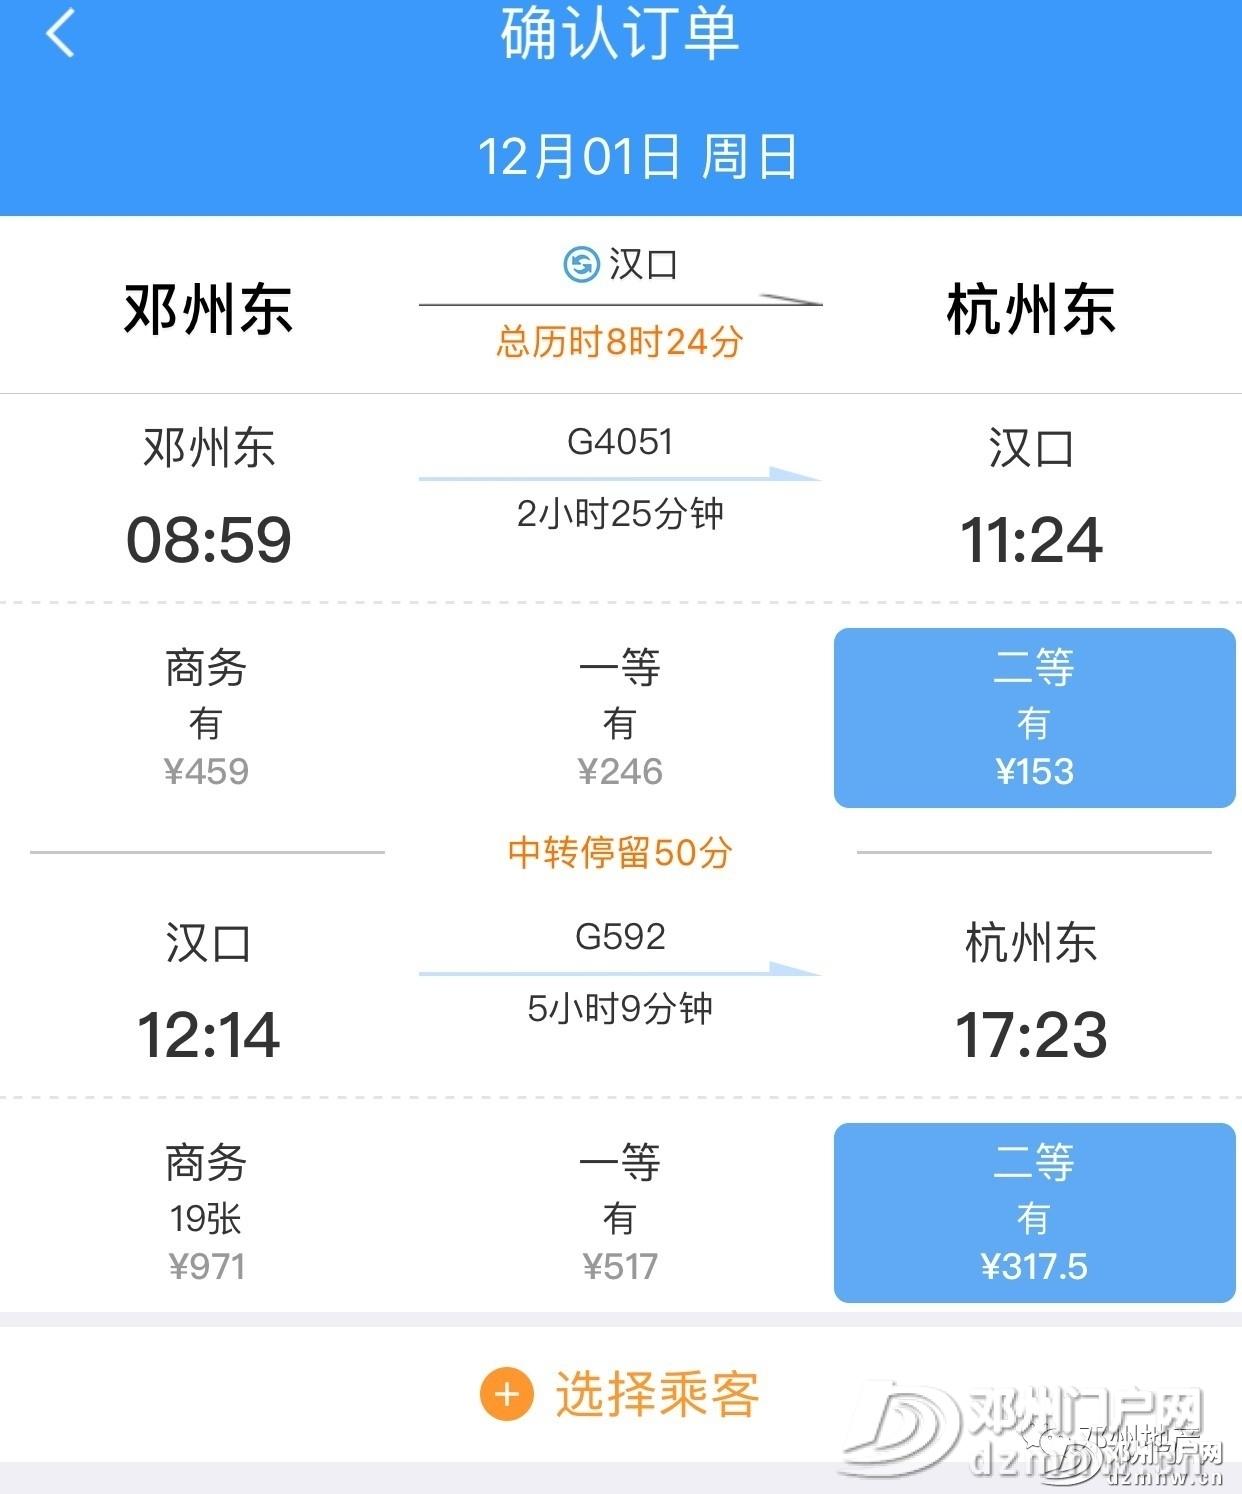 邓州高铁通往北上广深杭津成等城市票价和时刻表来了 - 邓州门户网 邓州网 - 0586f1fa9b21ff291d53a9df89f5243d.jpg